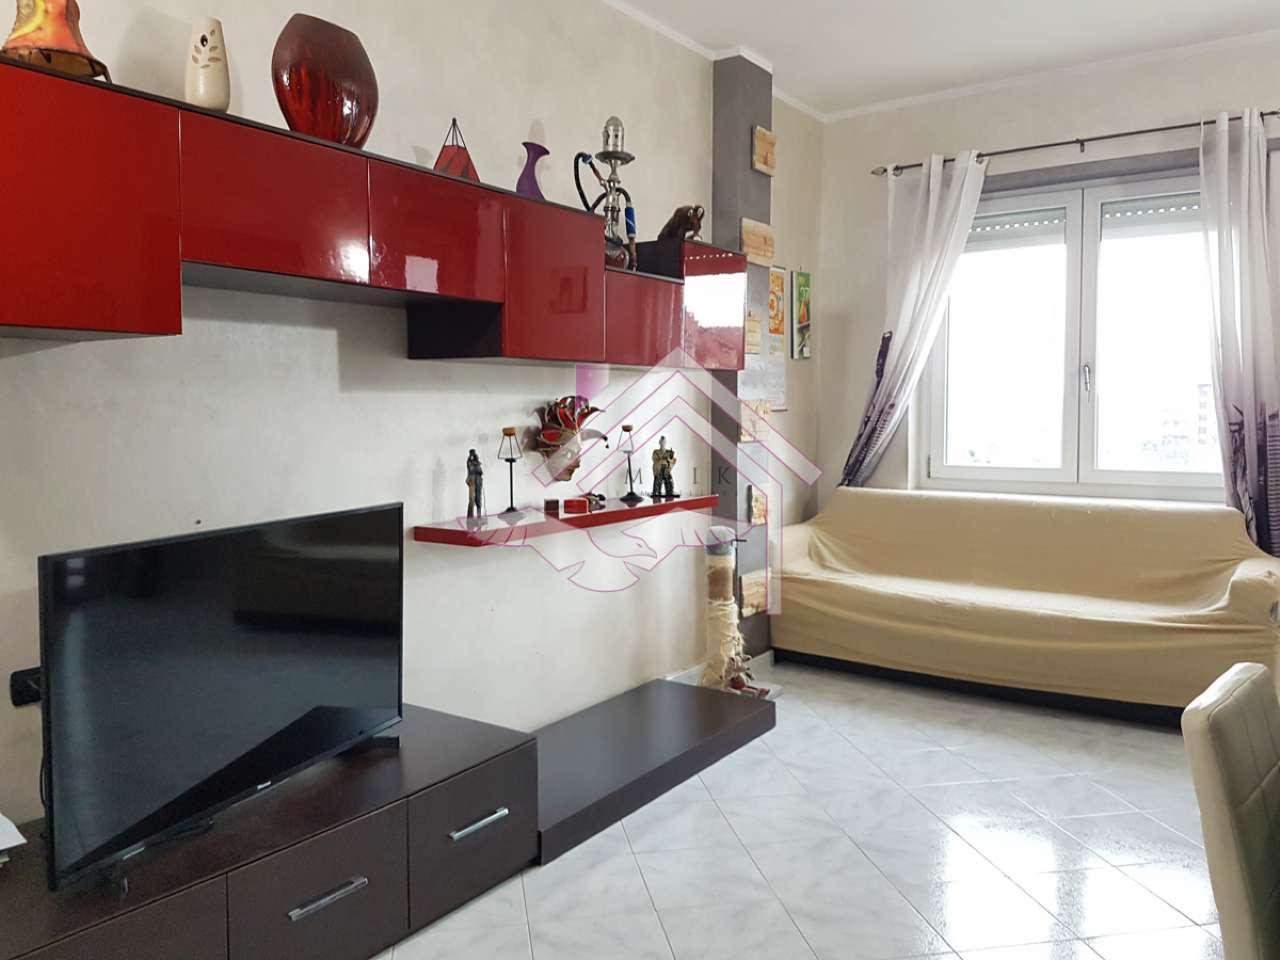 Appartamento in vendita a Piossasco, 2 locali, prezzo € 79.000 | CambioCasa.it